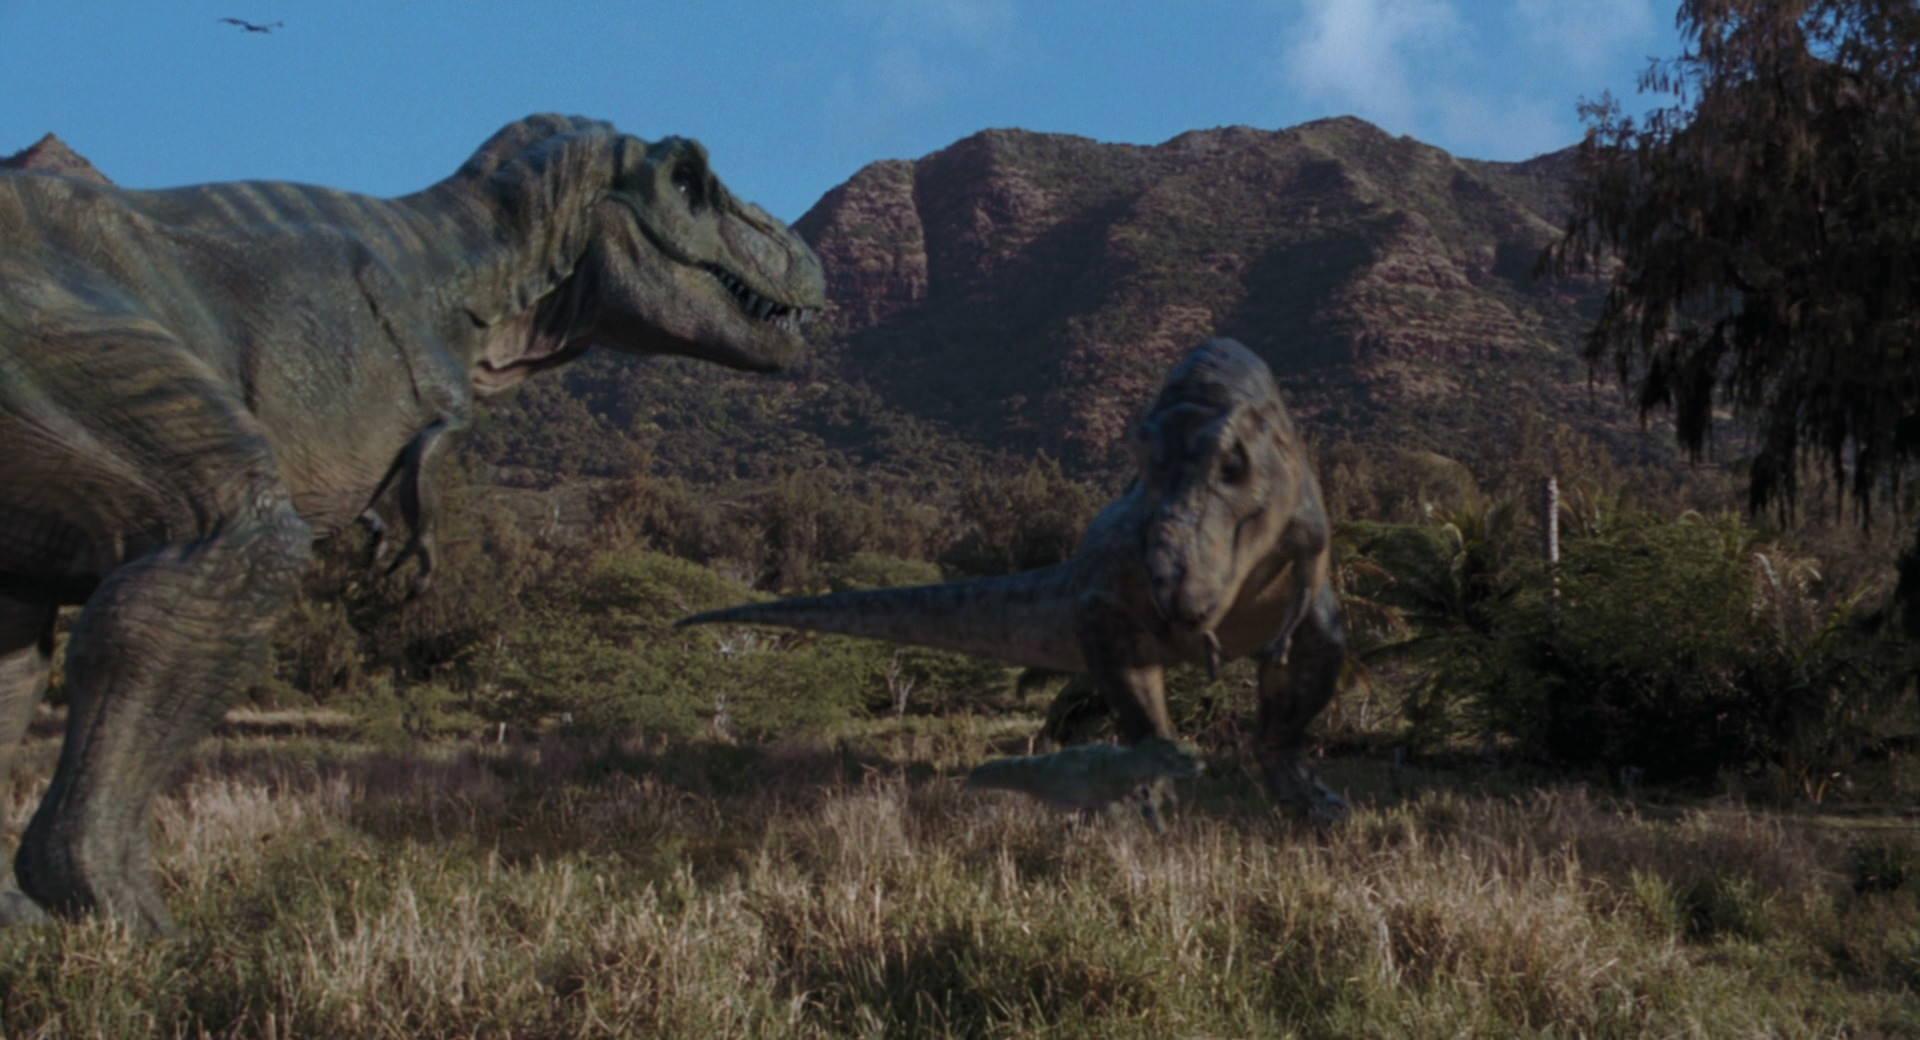 The Lost World Jurassic Park Screencaps are here Jurassic-lost-world-movie-screencaps.com-14435